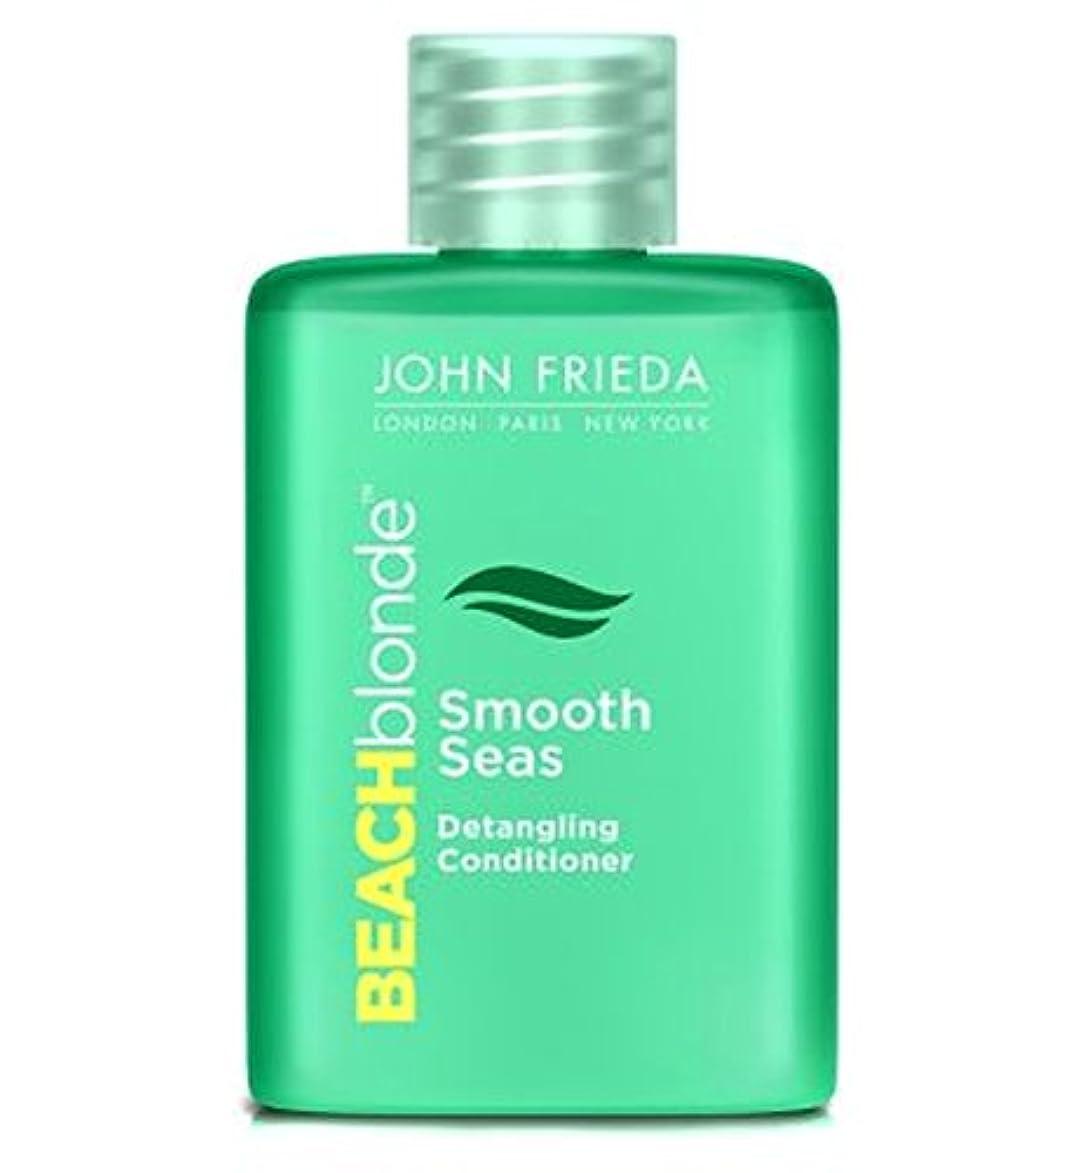 粉砕するぬれた全国コンディショナー50ミリリットルをもつれ解除ジョンFrieda?ビーチブロンド滑らかな海 (John Frieda) (x2) - John Frieda? Beach Blonde Smooth Seas Detangling...